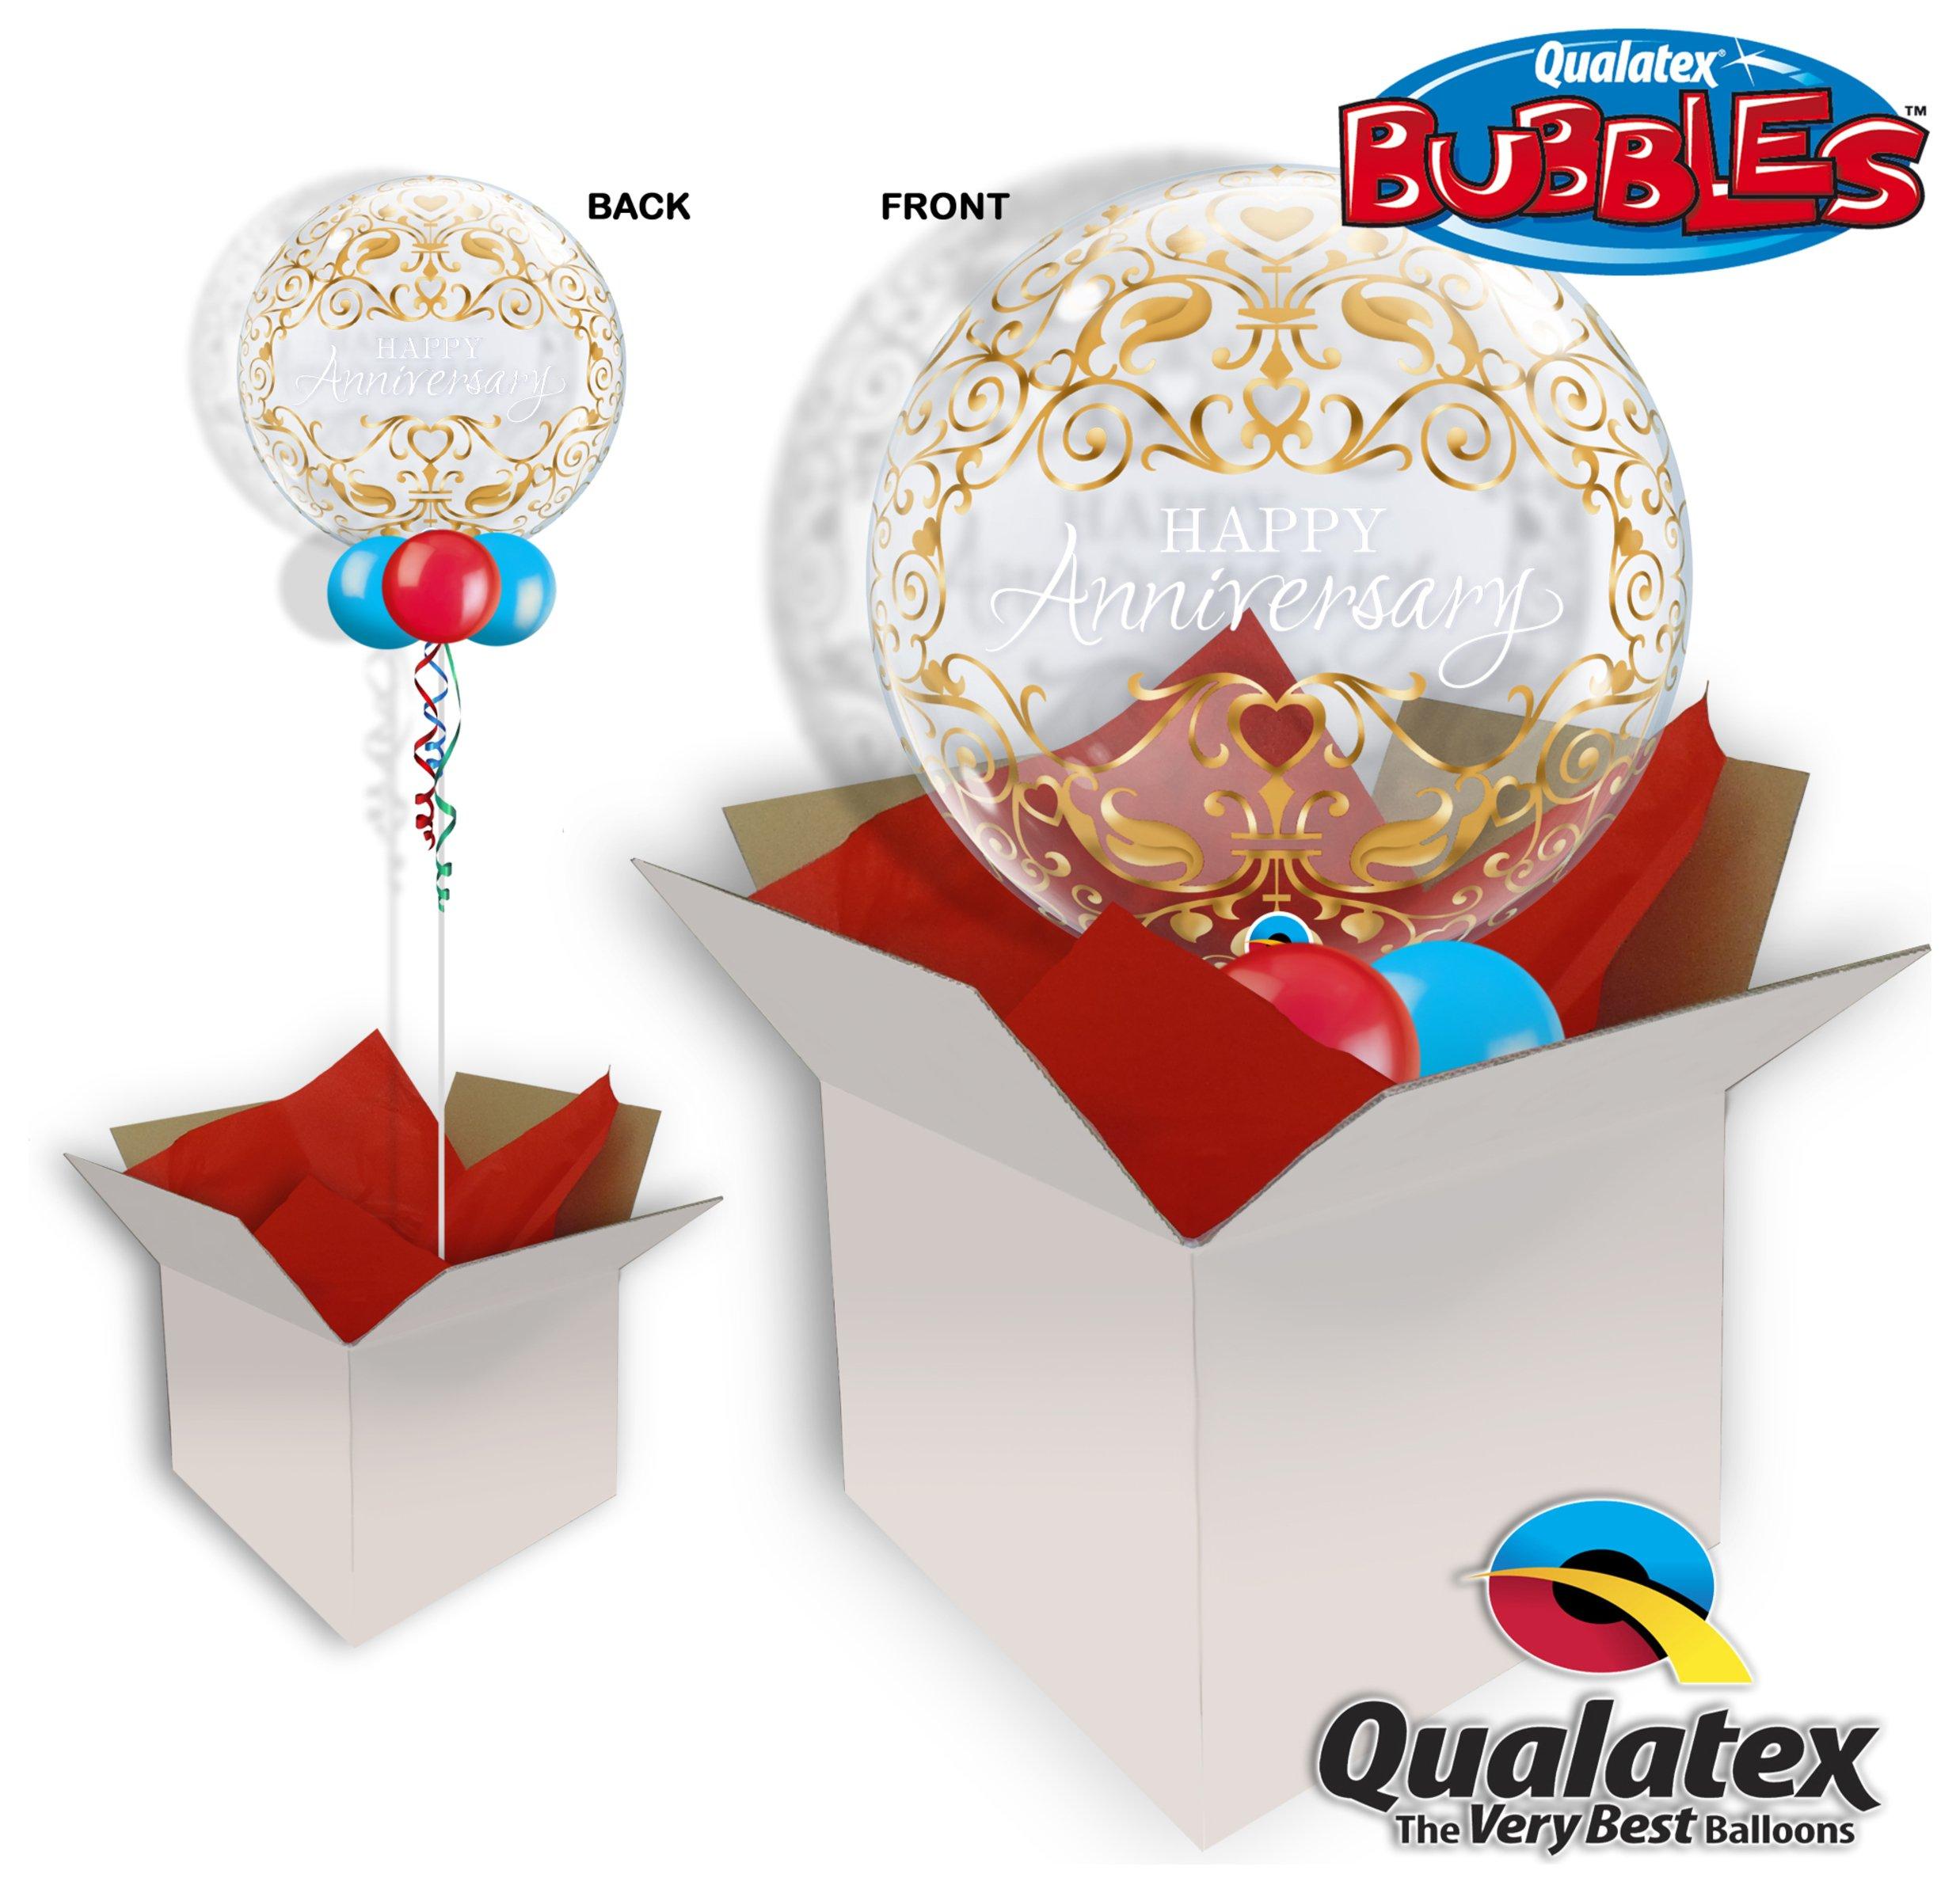 Classic Anniversary 22 Inch Bubble Balloon In A Box